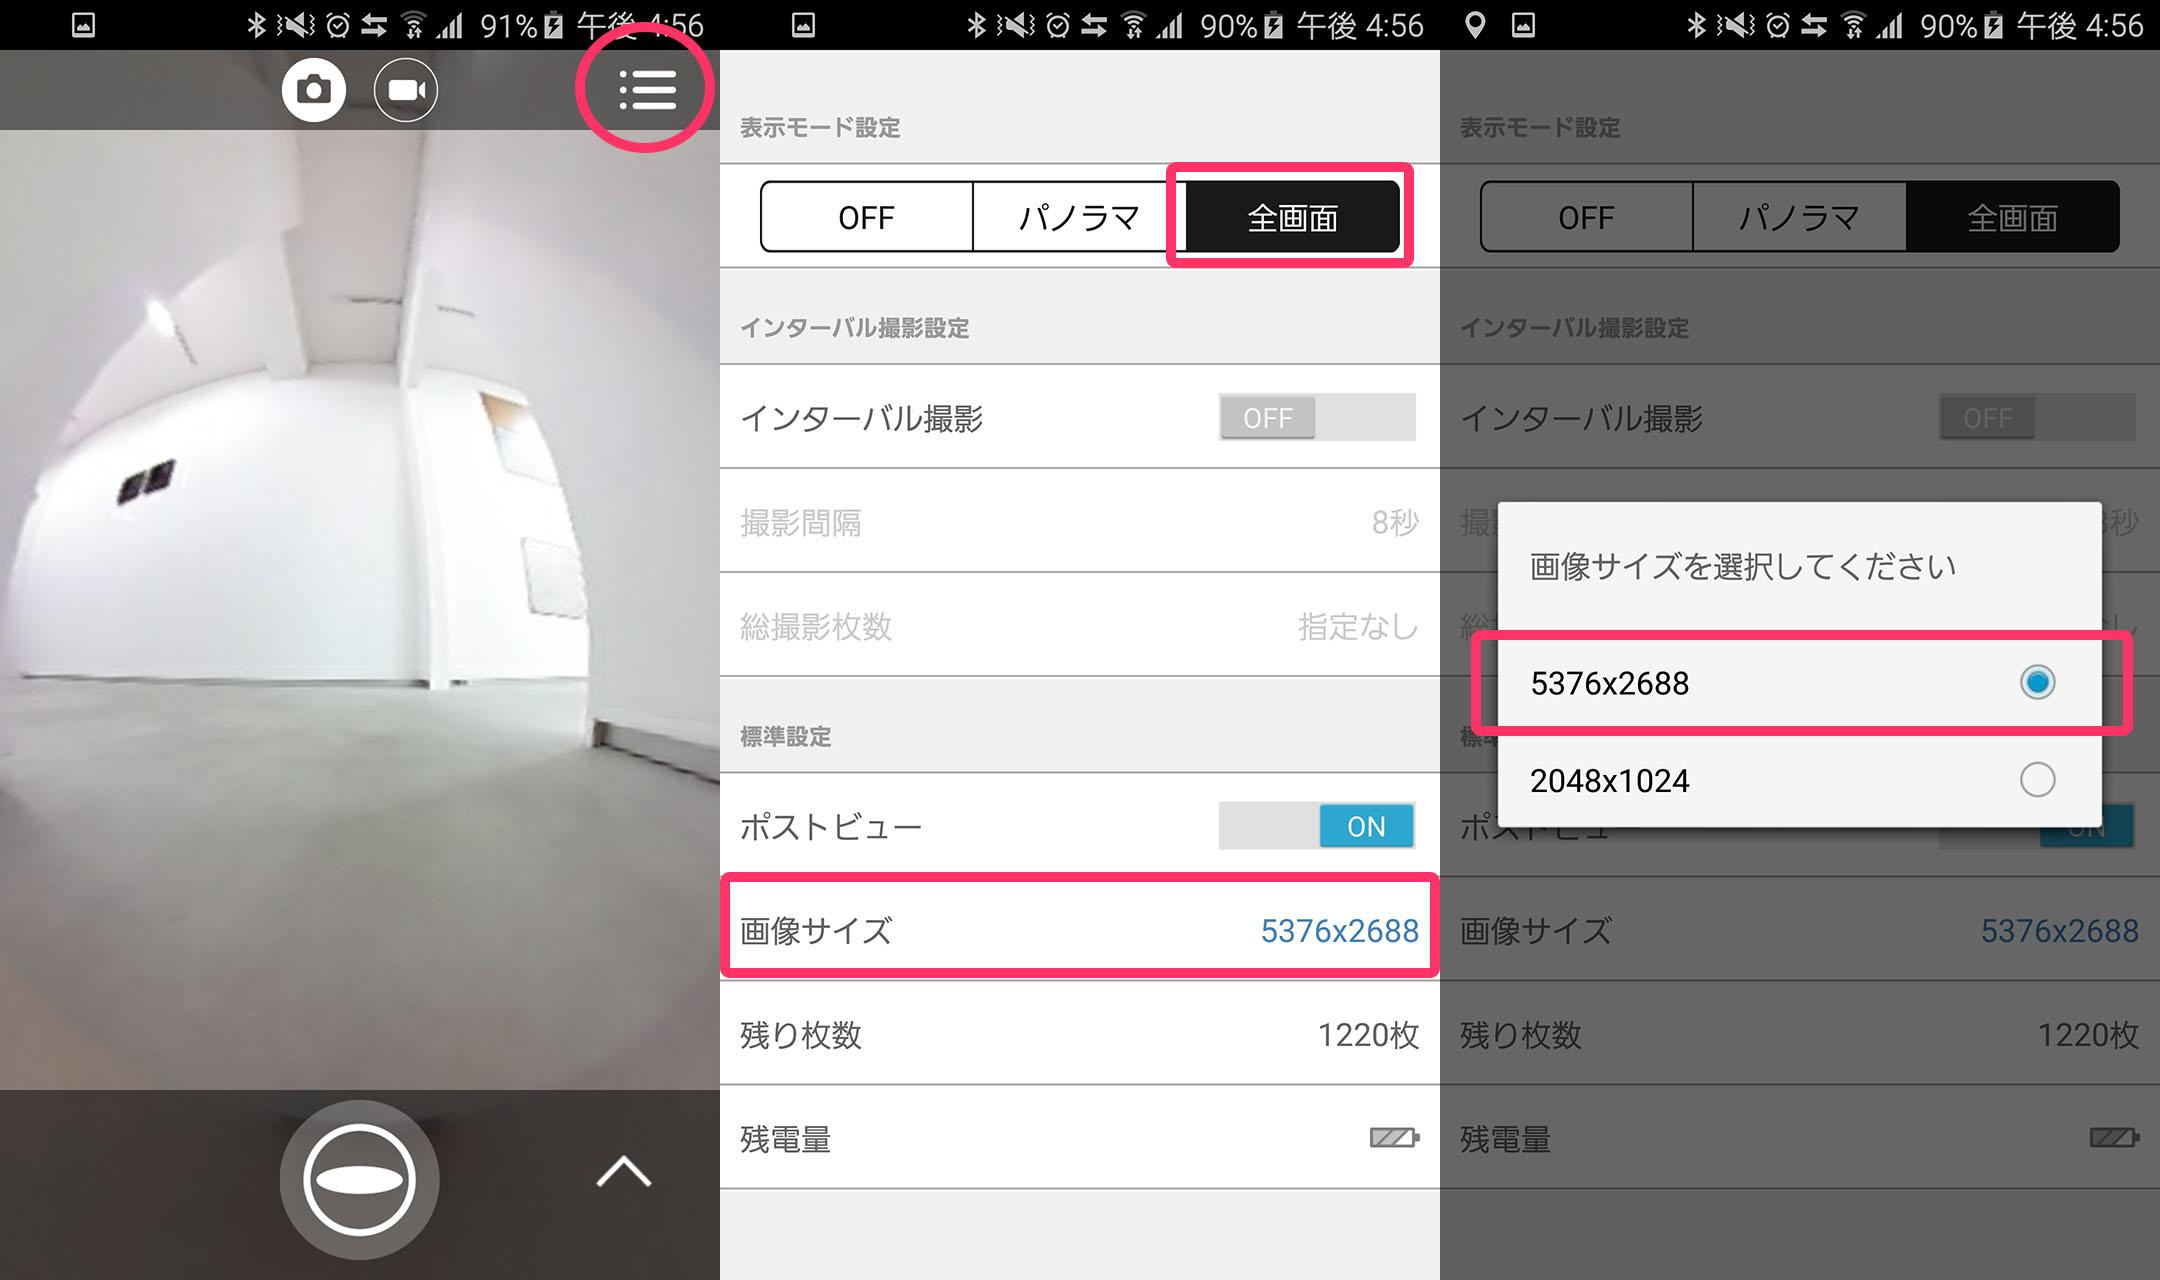 シータのアプリ設定画面